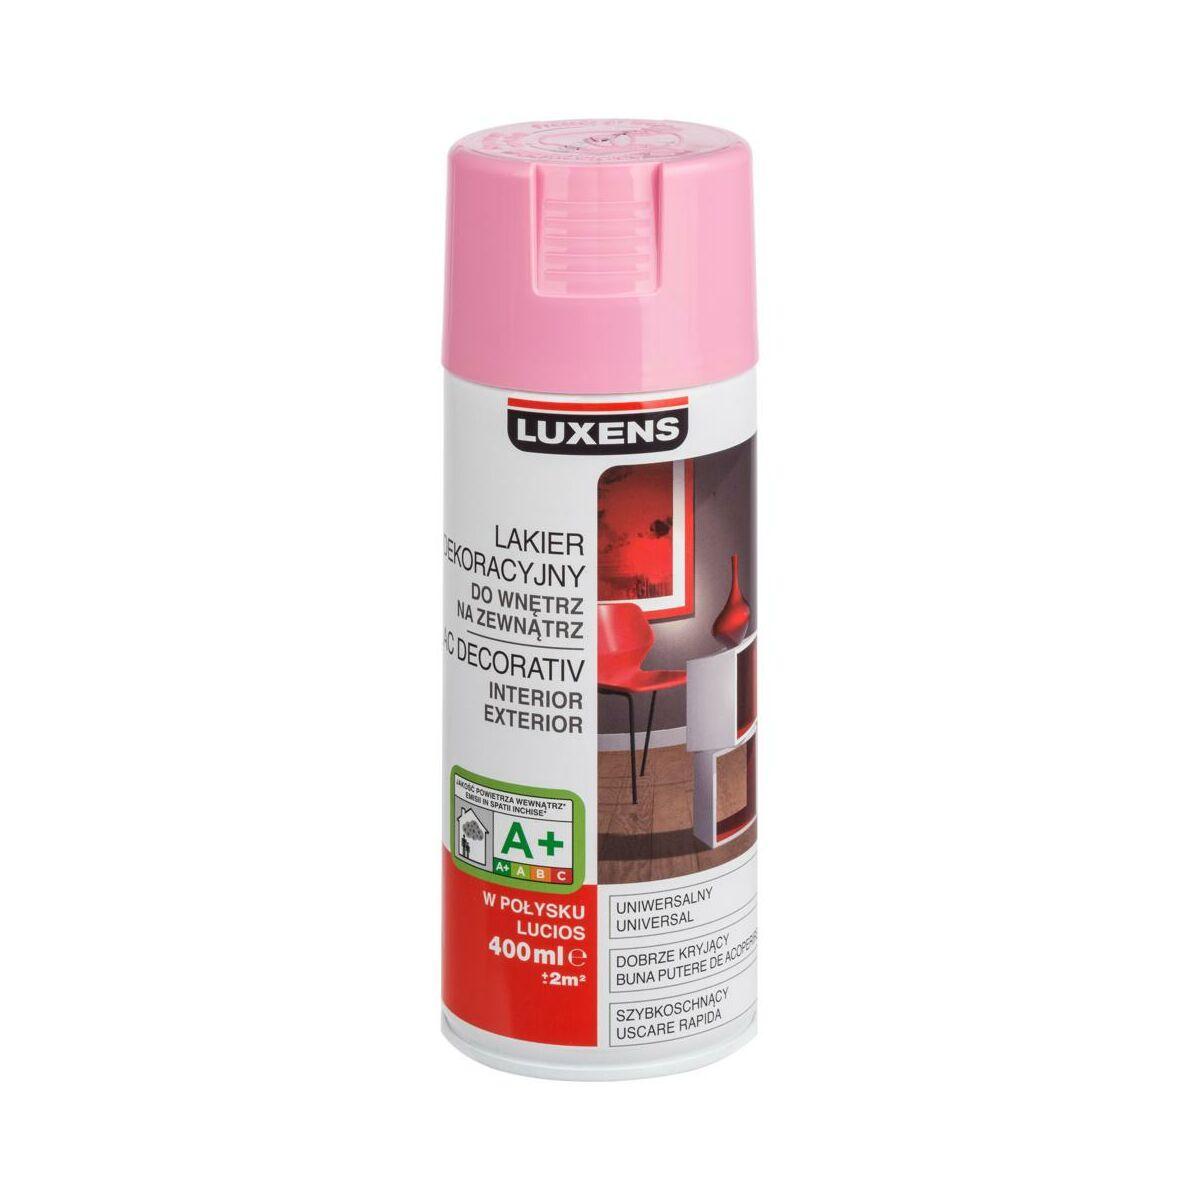 Spray Kolor 0 4 L Rozowy Polysk Luxens Spraye W Atrakcyjnej Cenie W Sklepach Leroy Merlin